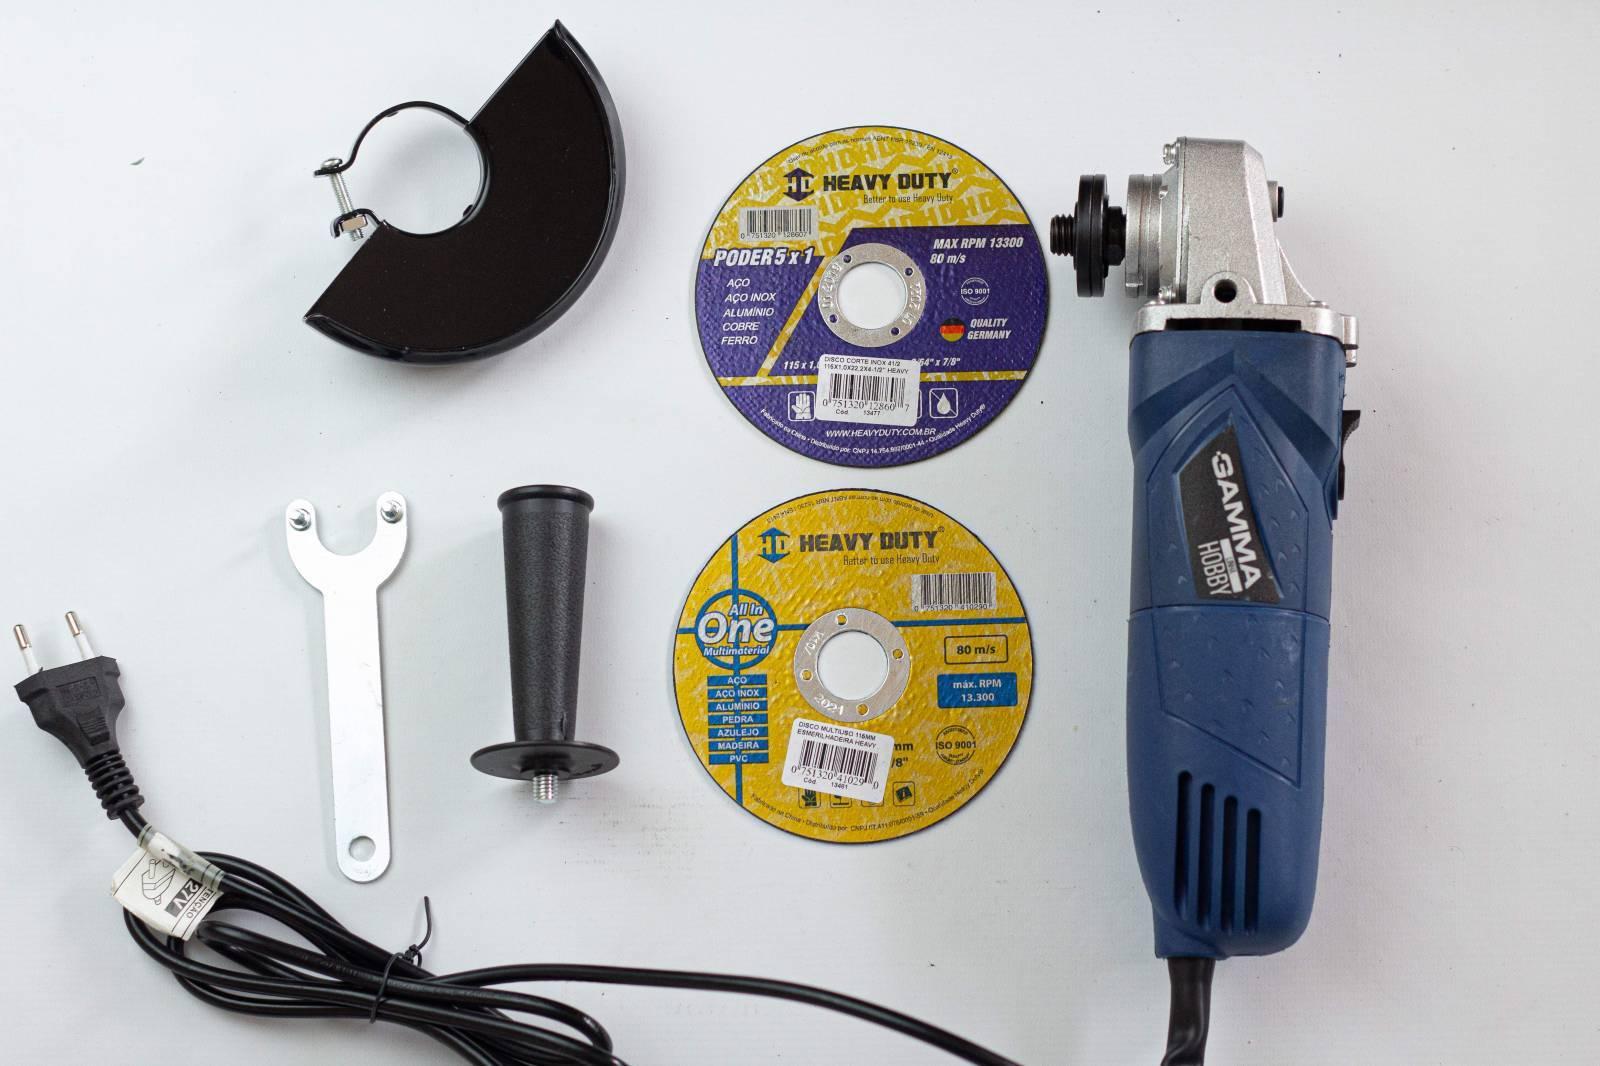 Kit Esmerilhadeira 127V + Discos Inox e Multiuso 115mm - MATERGI MATERIAIS DE CONSTRUÇÃO